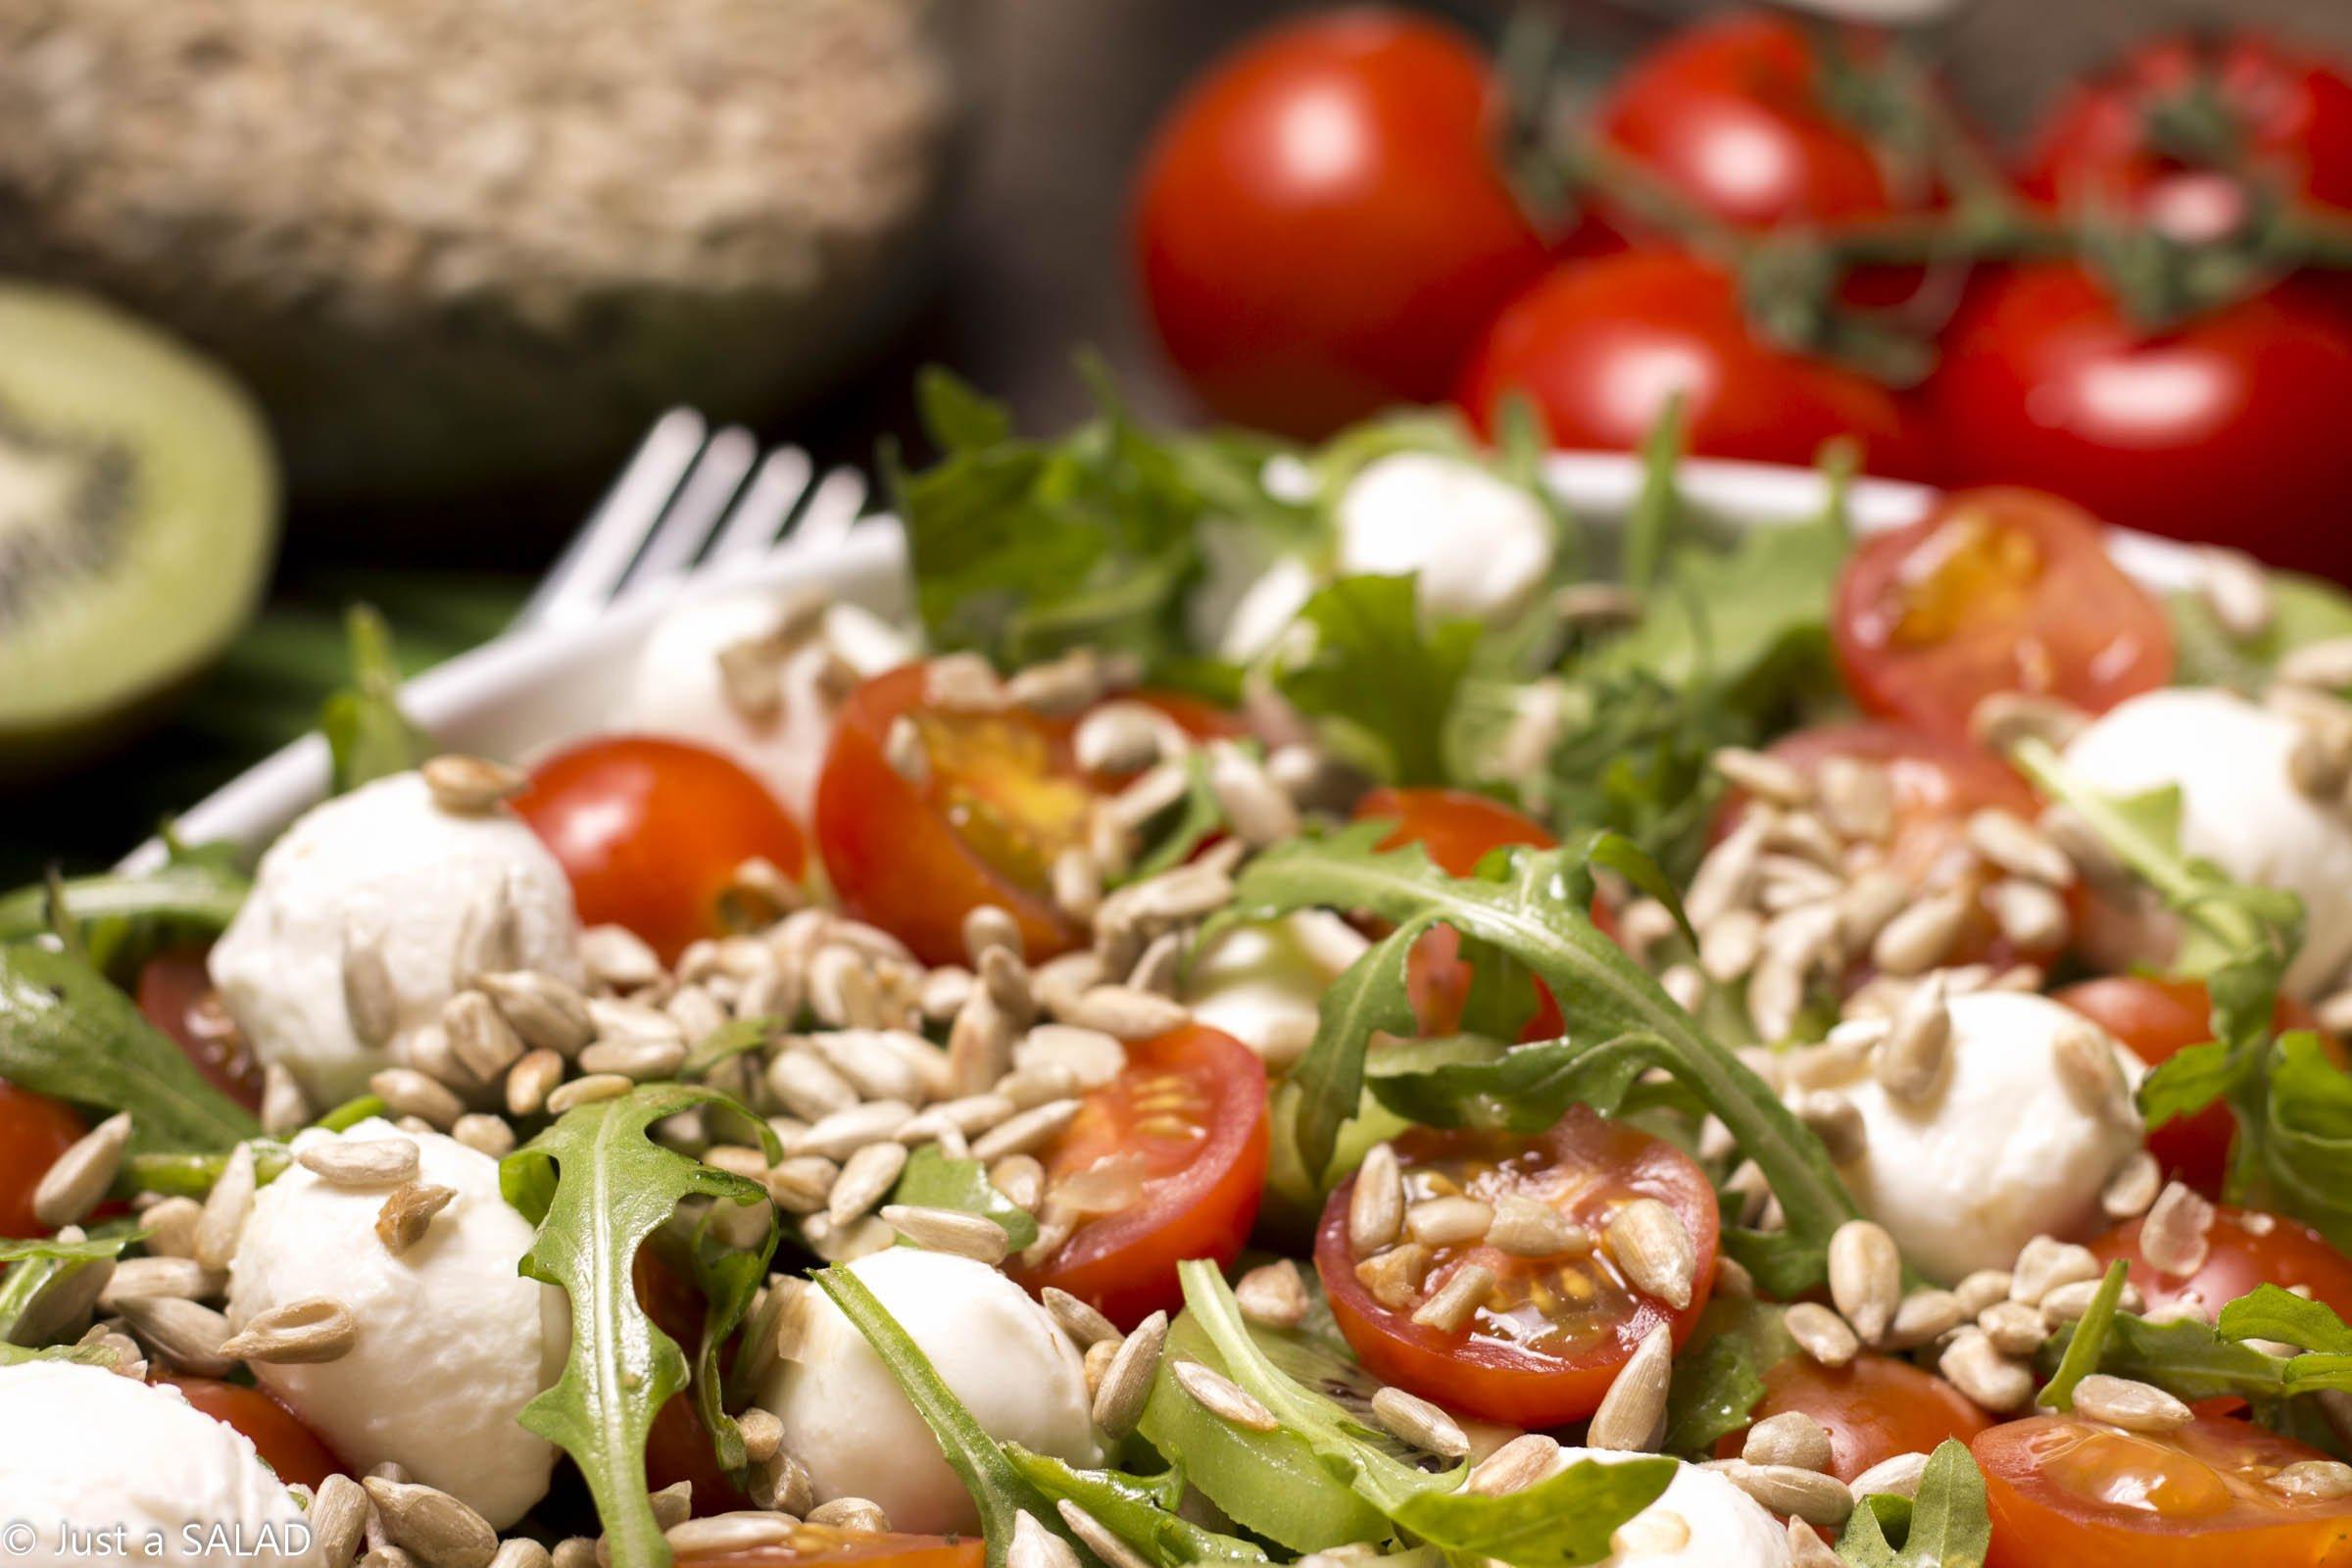 Sałatka z rukolą, kiwi, pomidorami koktajlowymi, mozzarellą i pestkami słonecznika.